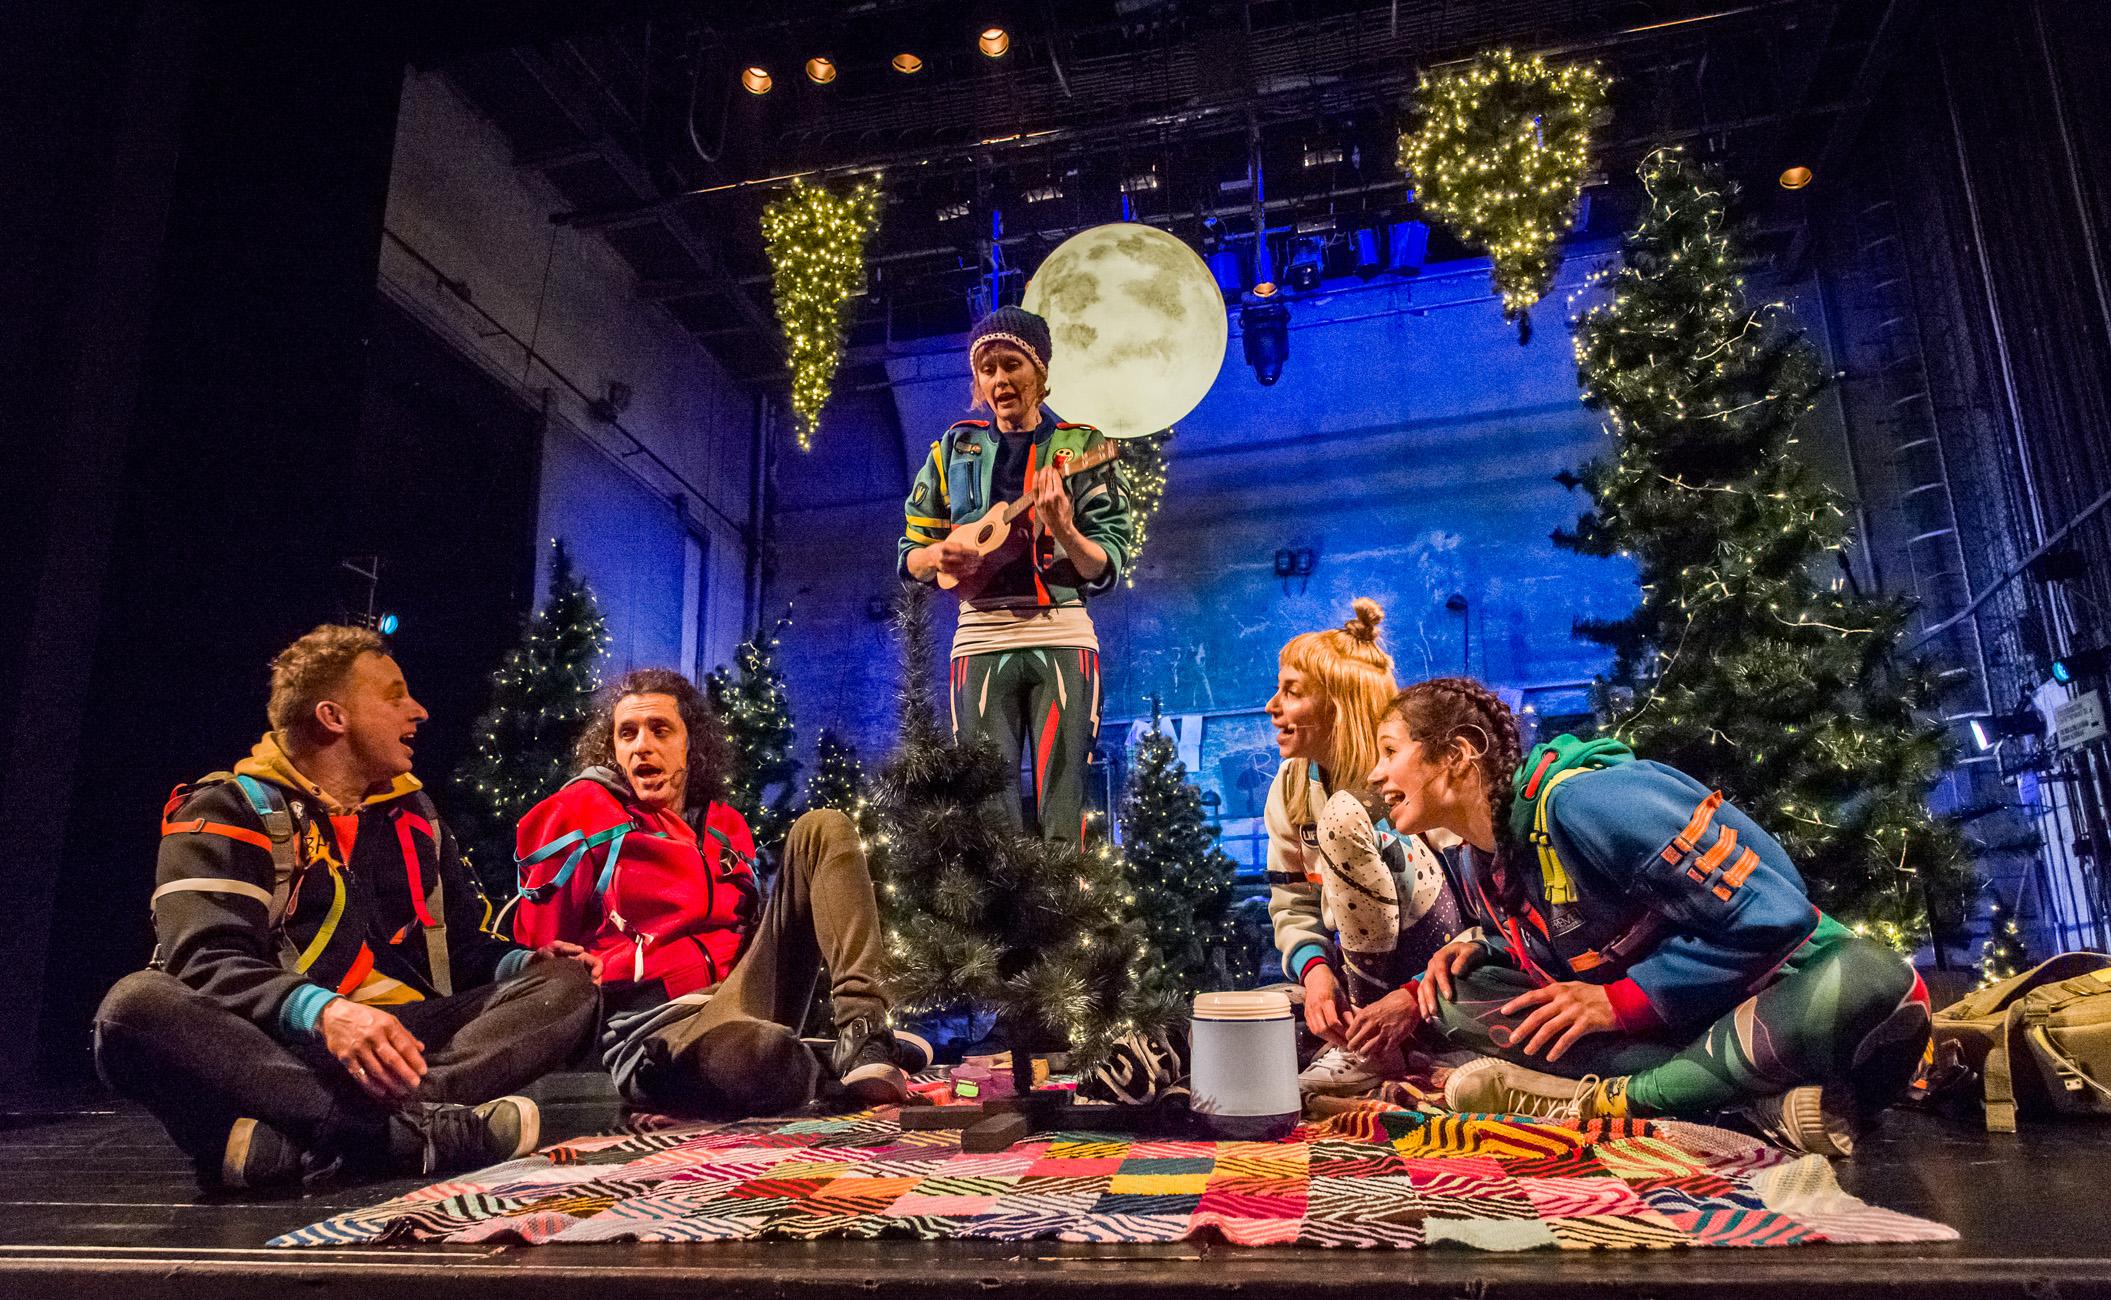 zdjęcie ze spektaklu. Dekoracje świąteczne. Na podłodze siedzą 4 osoby, a jedna wśród nich na środku stoi kobieta, trzyma w ręku małą gitarę i razem śpiewają.